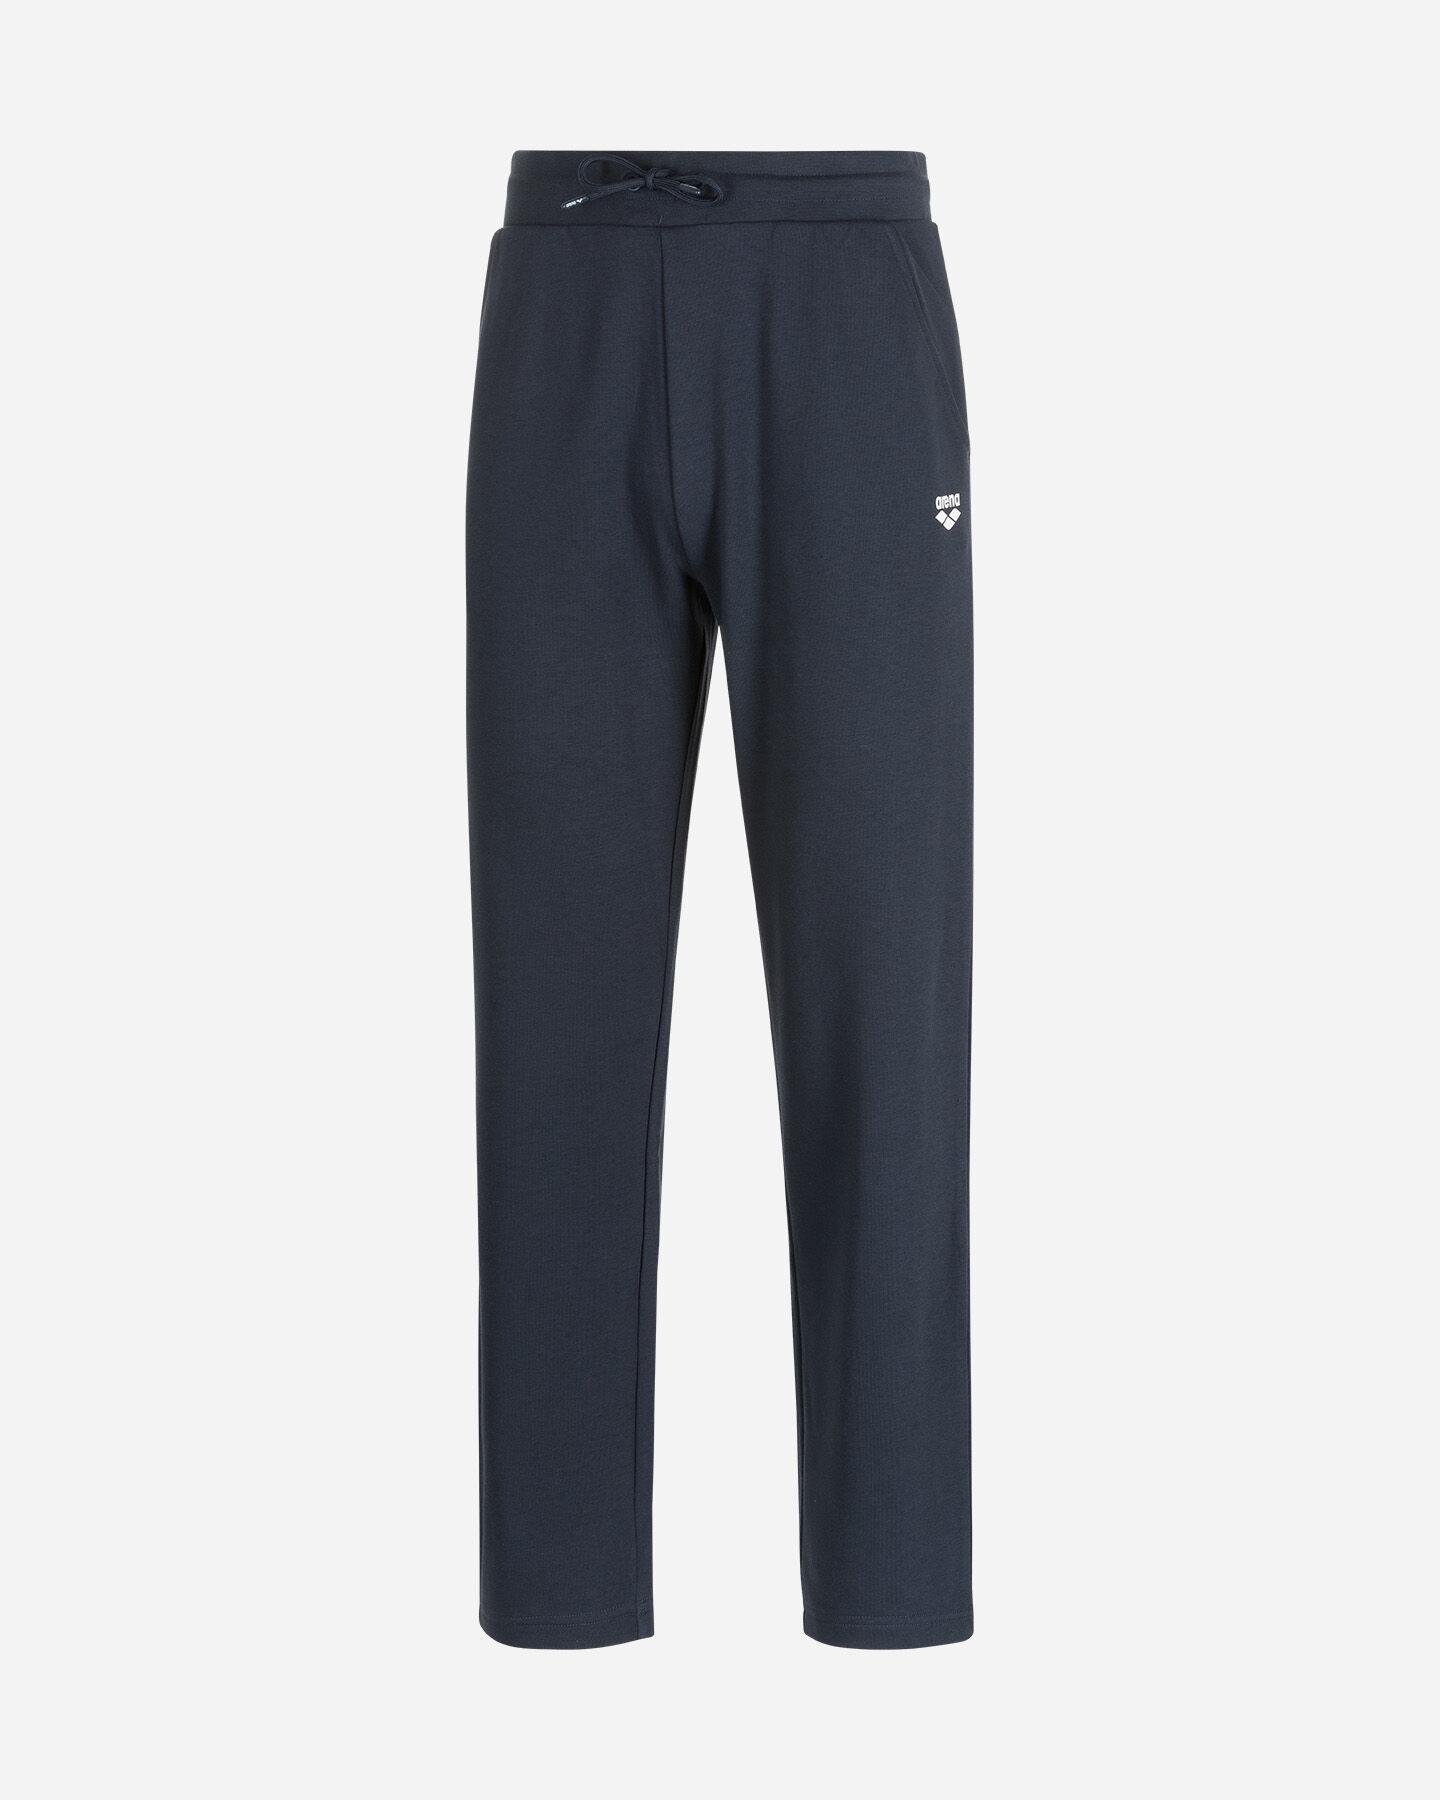 Pantalone ARENA STRAIGHT M S4080894 scatto 0